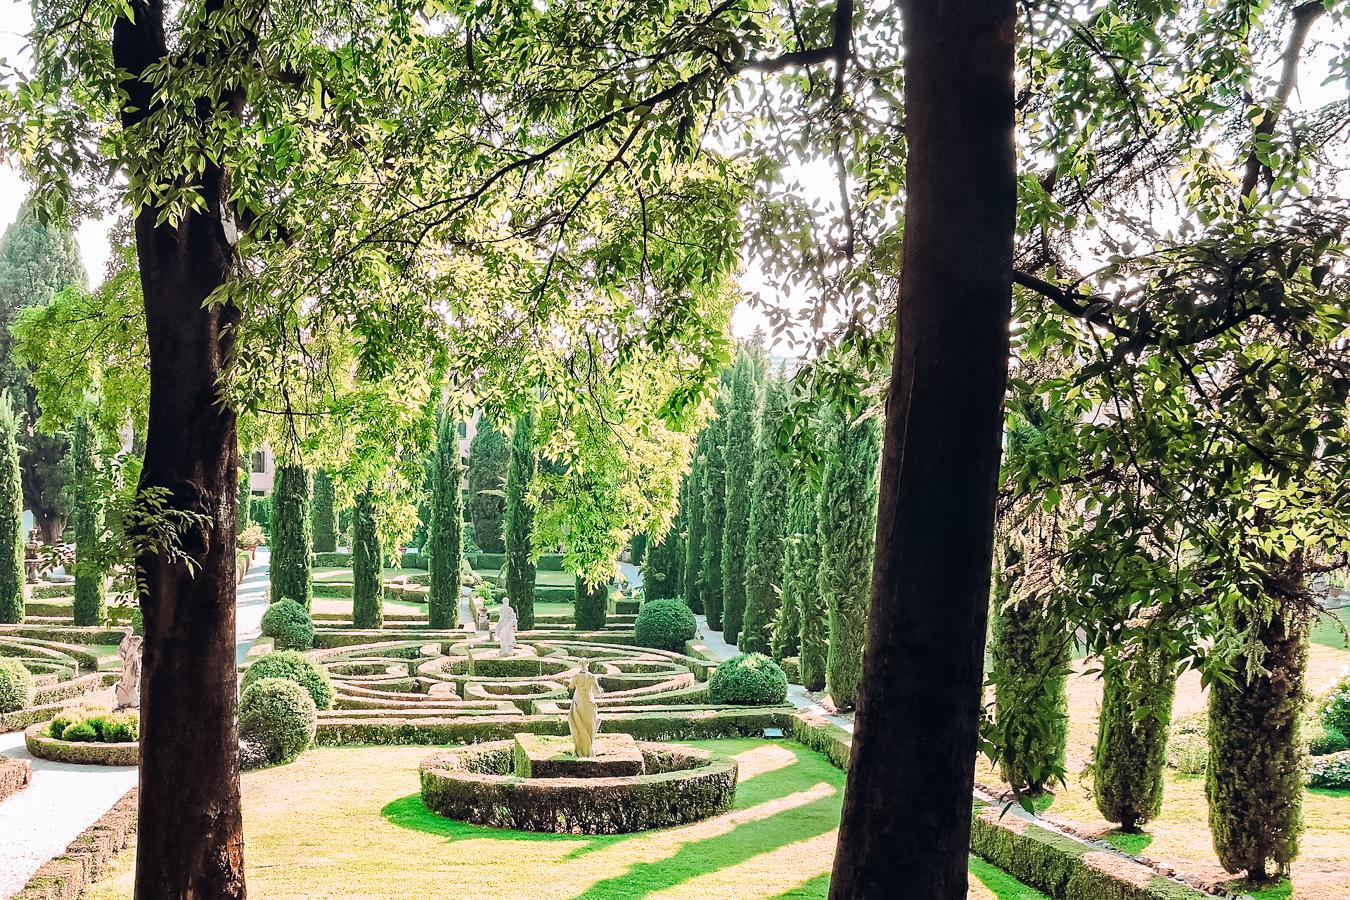 The Giusti Gardens in Verona